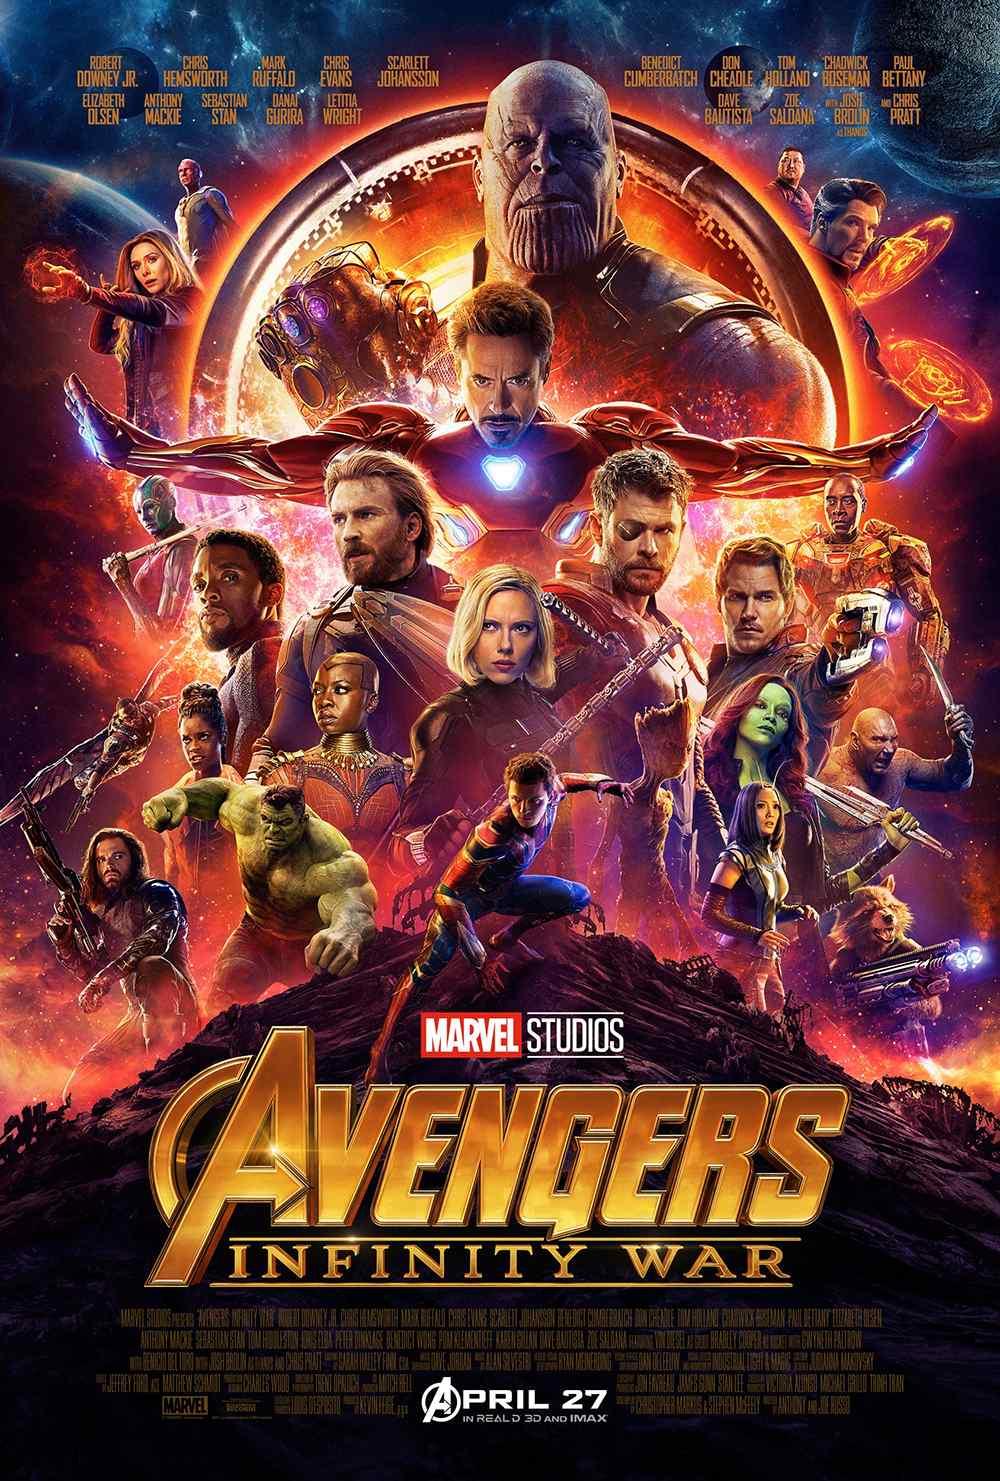 《复仇者联盟3:无限战争》高清海报图片